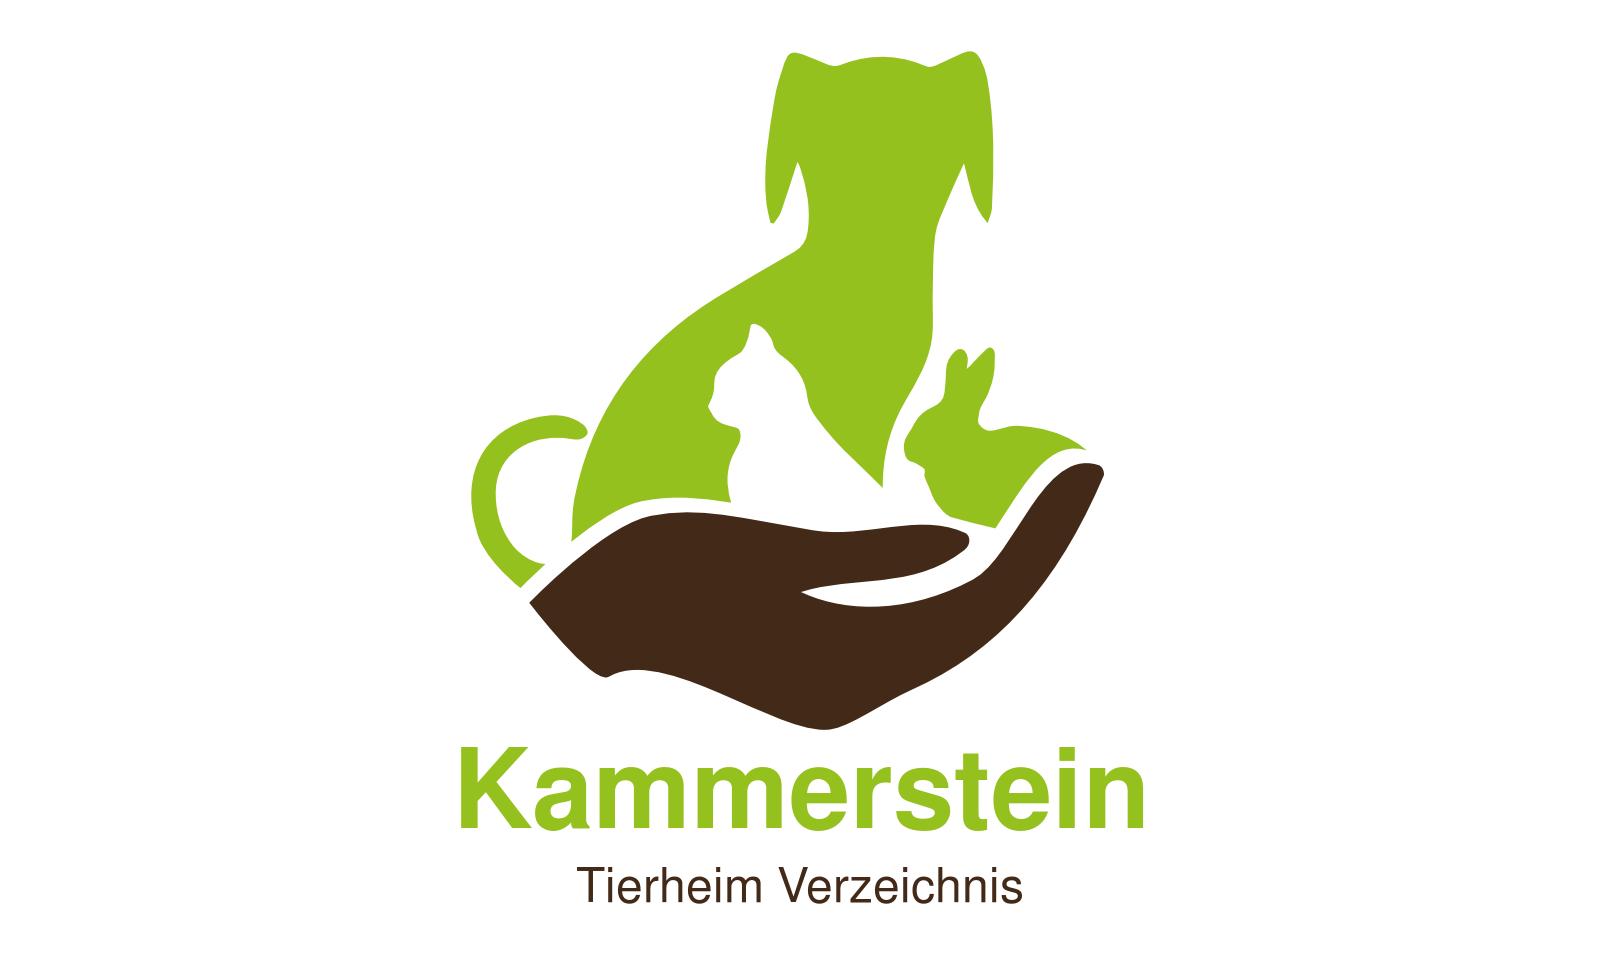 Tierheim Kammerstein